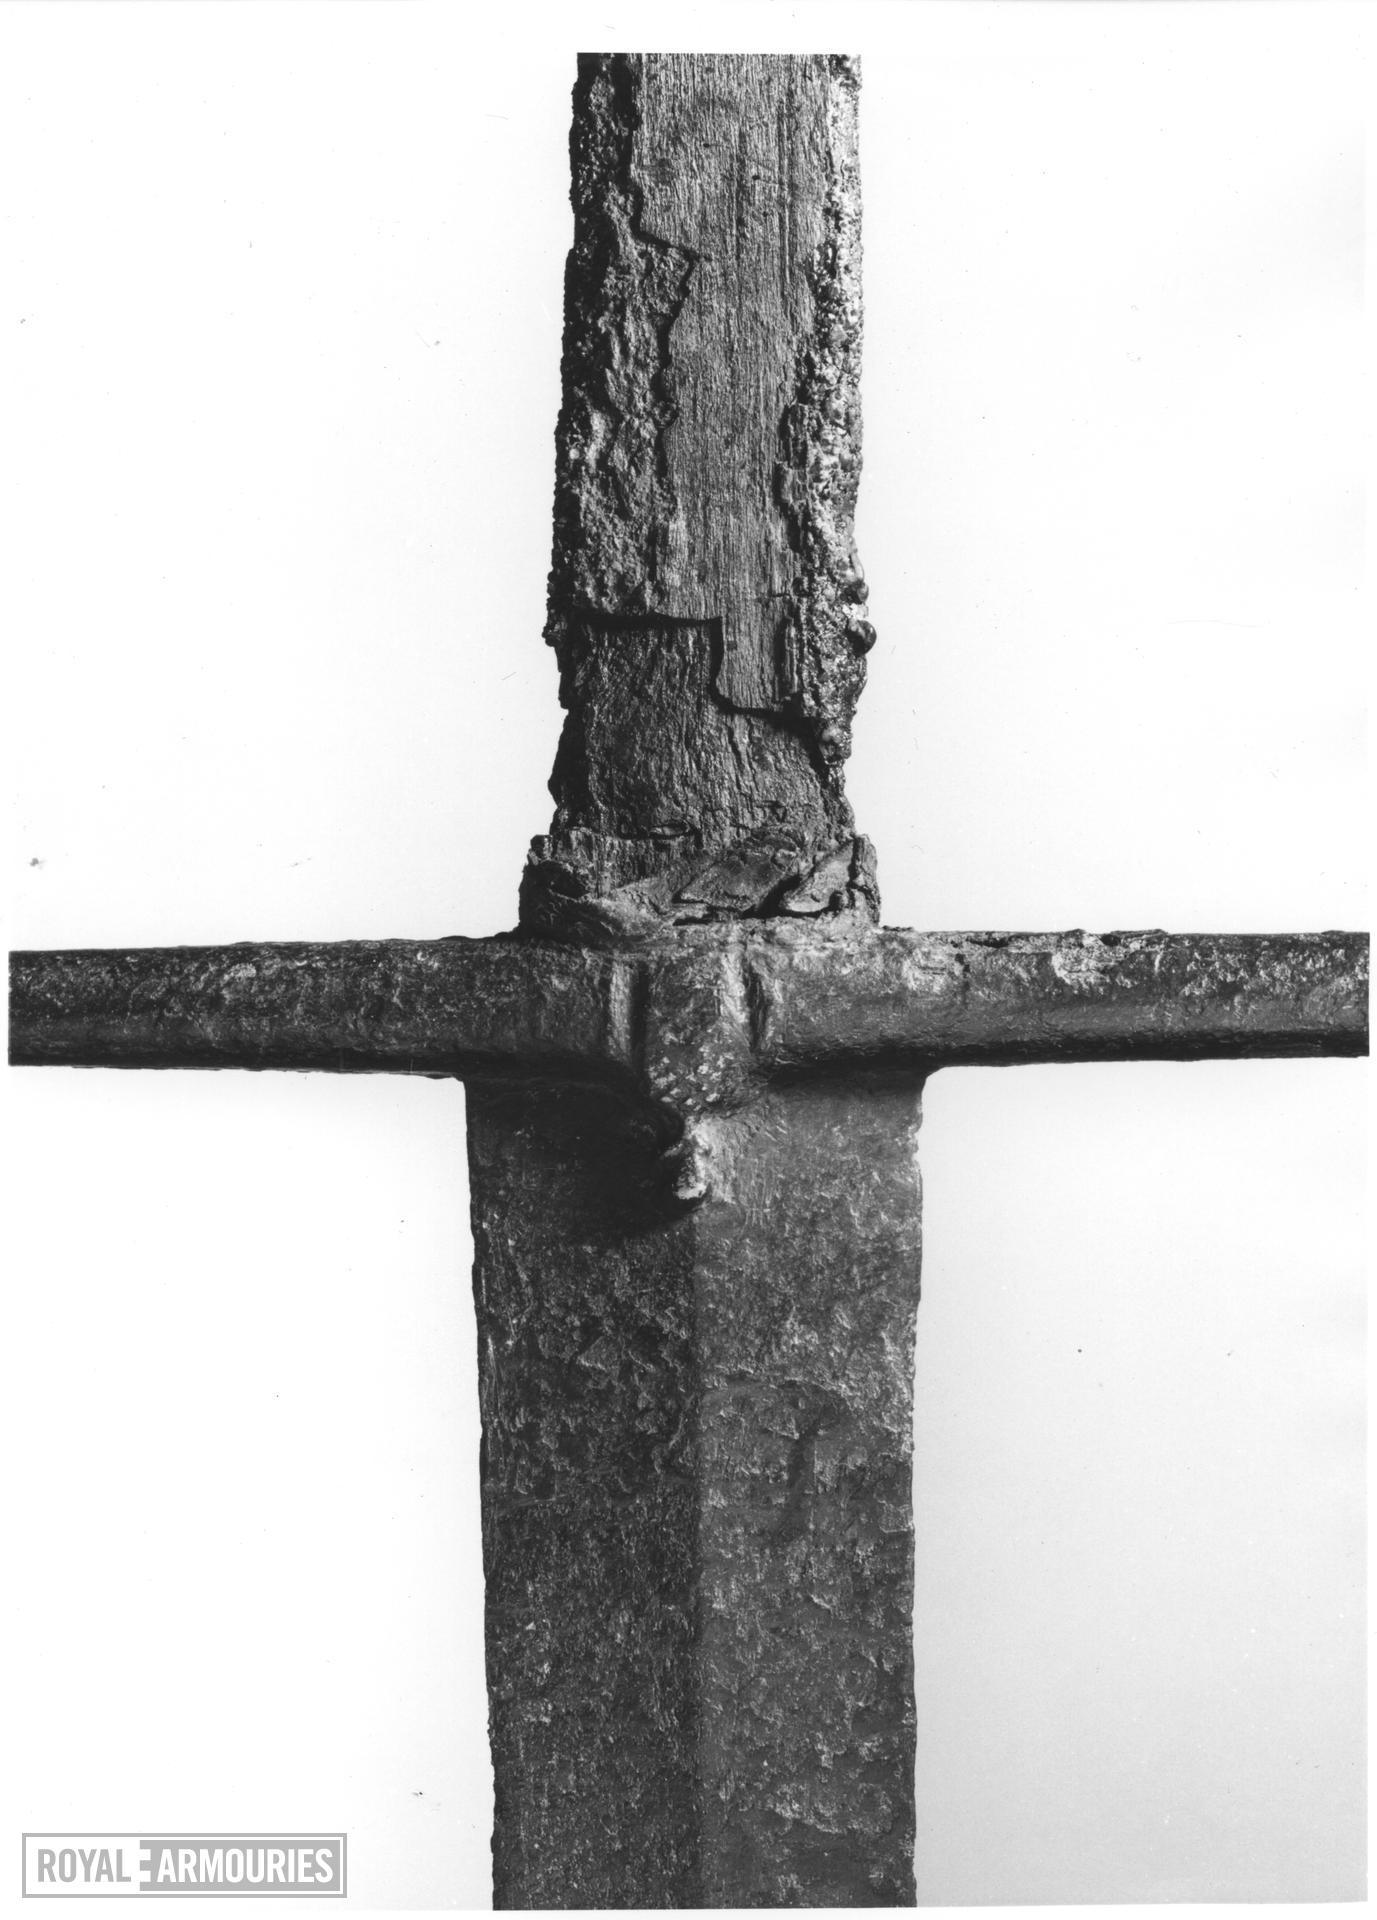 Sword Two-handed sword